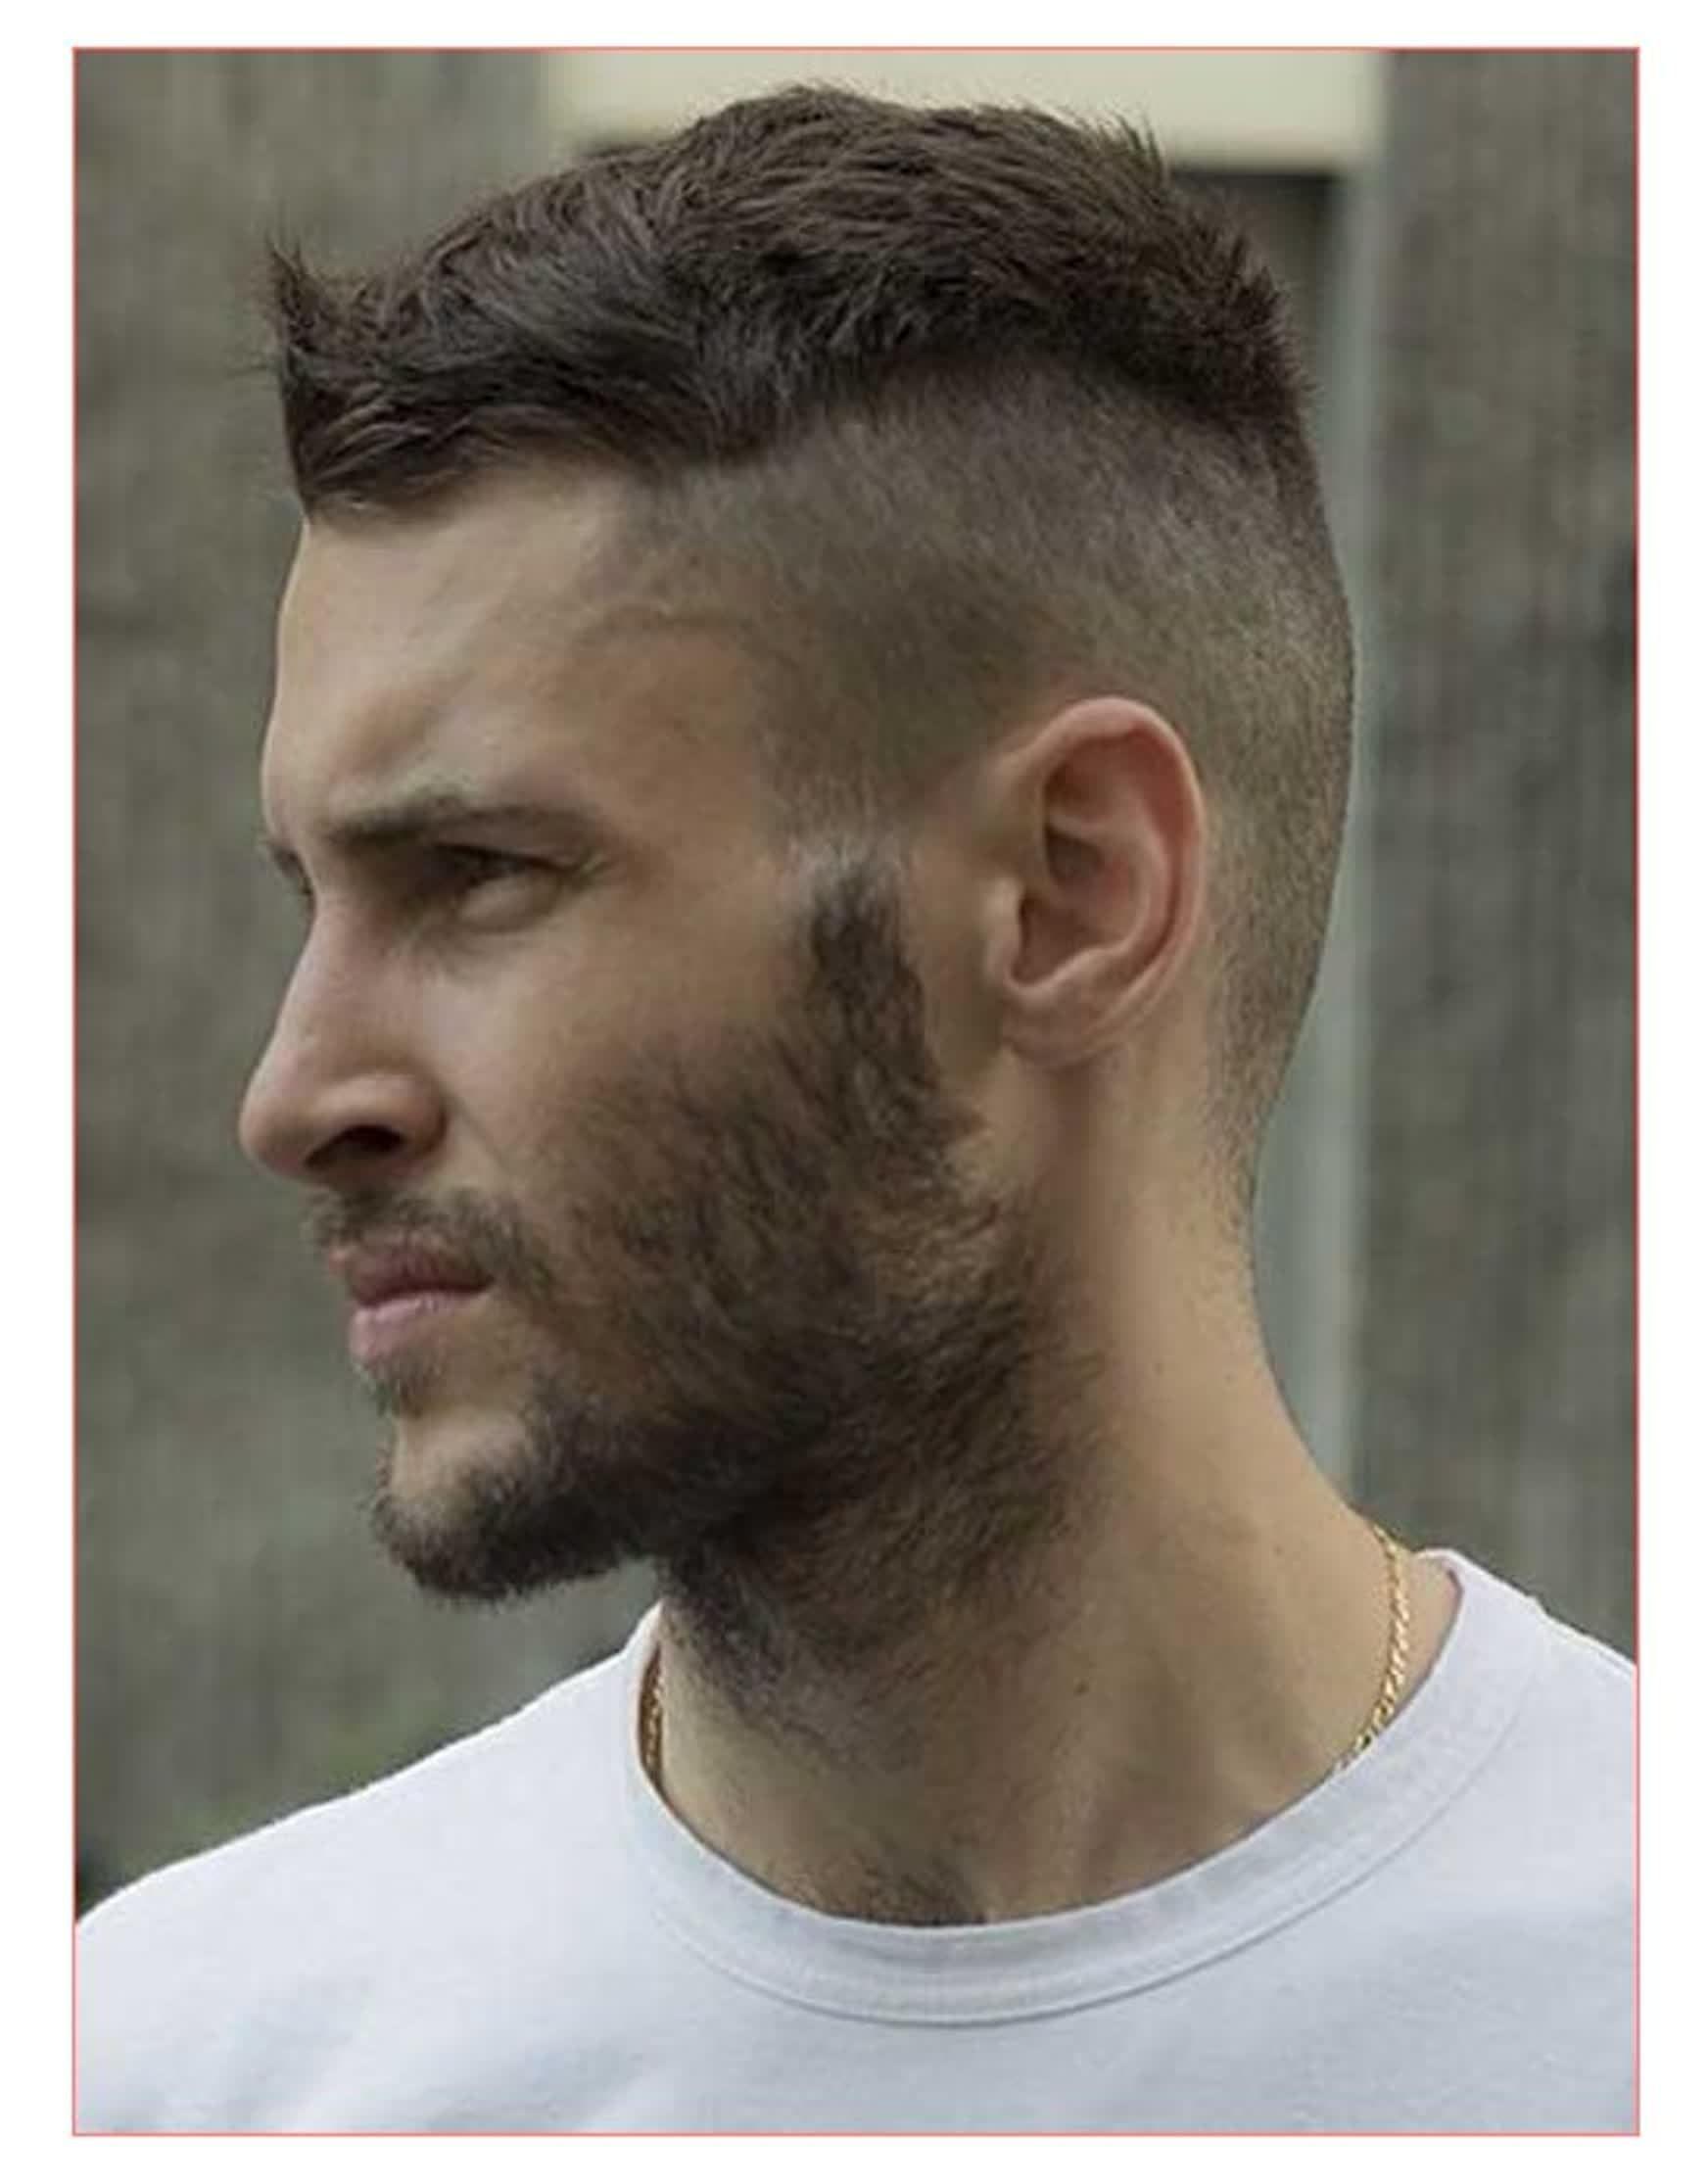 Manner Frisuren Mit Geheimratsecken 2021 In 2020 Frisuren 2014 Manner Haarschnitt Kurz Manner Frisur Kurz